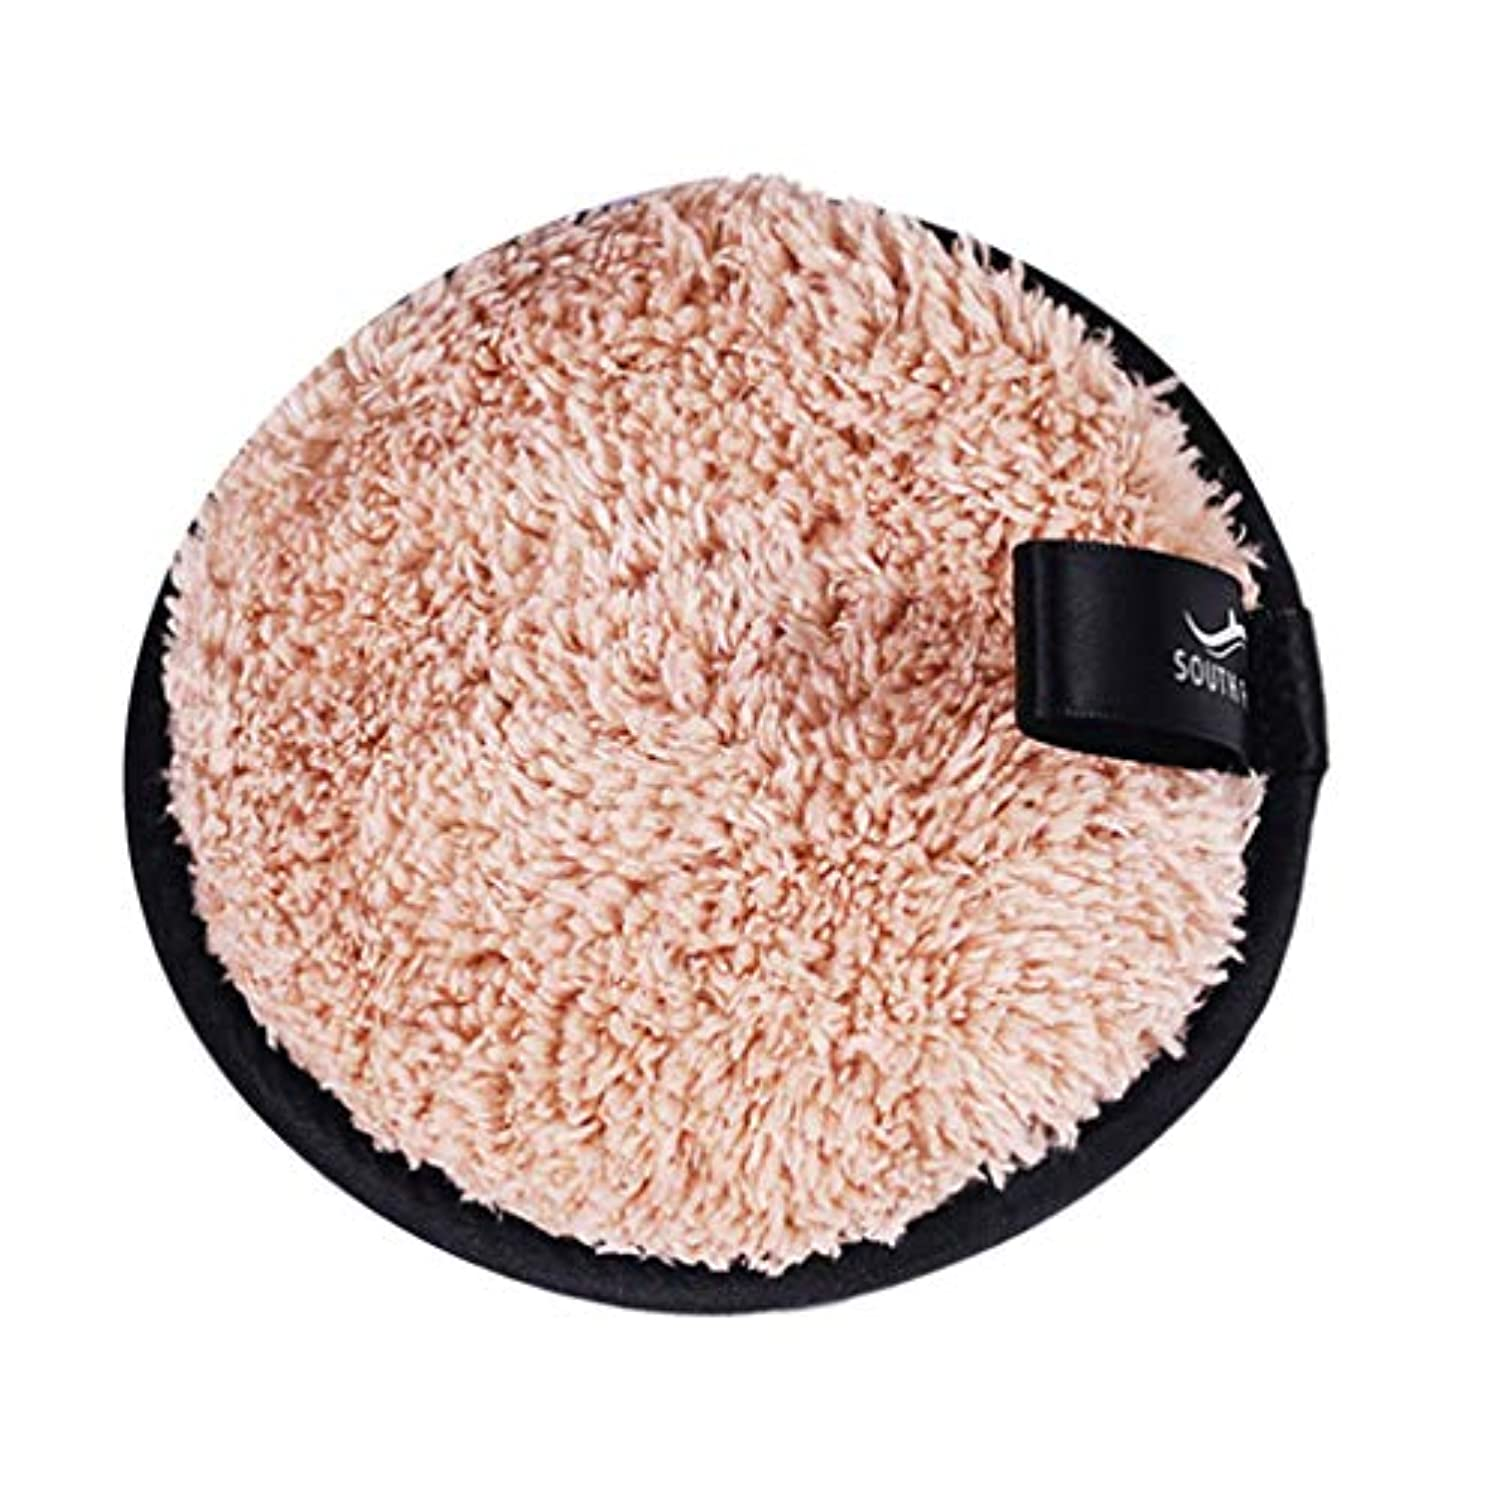 柔和やるインストラクターFLAMEER メイクリムーバーパッド 化粧品 フェイシャル クレンジング パフ スポンジ 3色選べ - 褐色